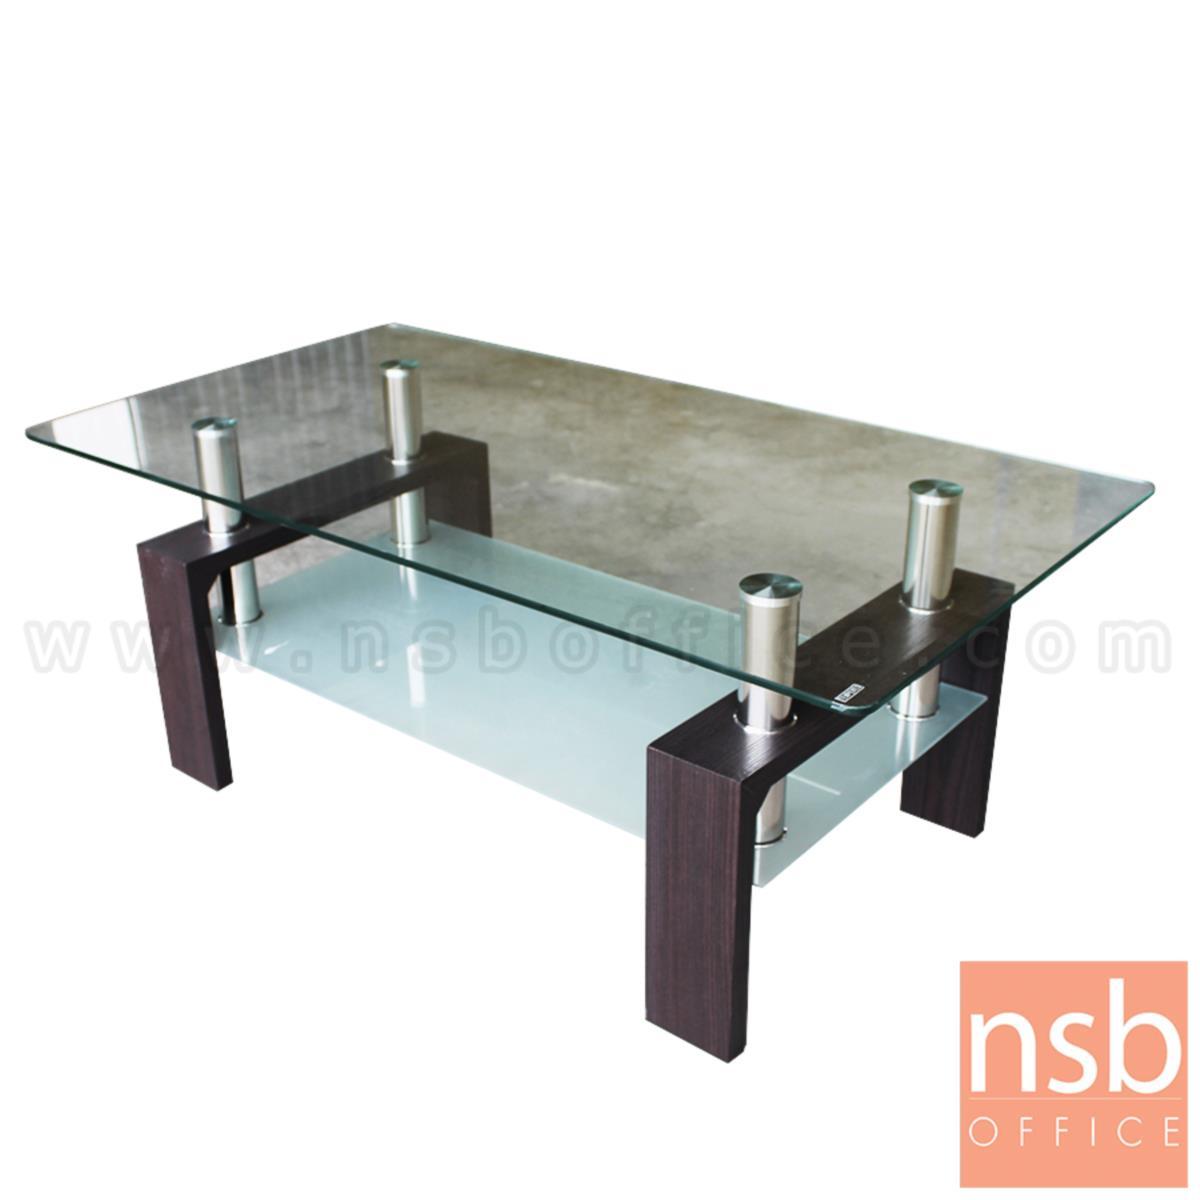 B13A193:โต๊ะกลางกระจก รุ่น Sherrod (เชอร์ร็อด) ขนาด 110W cm. ขาไม้